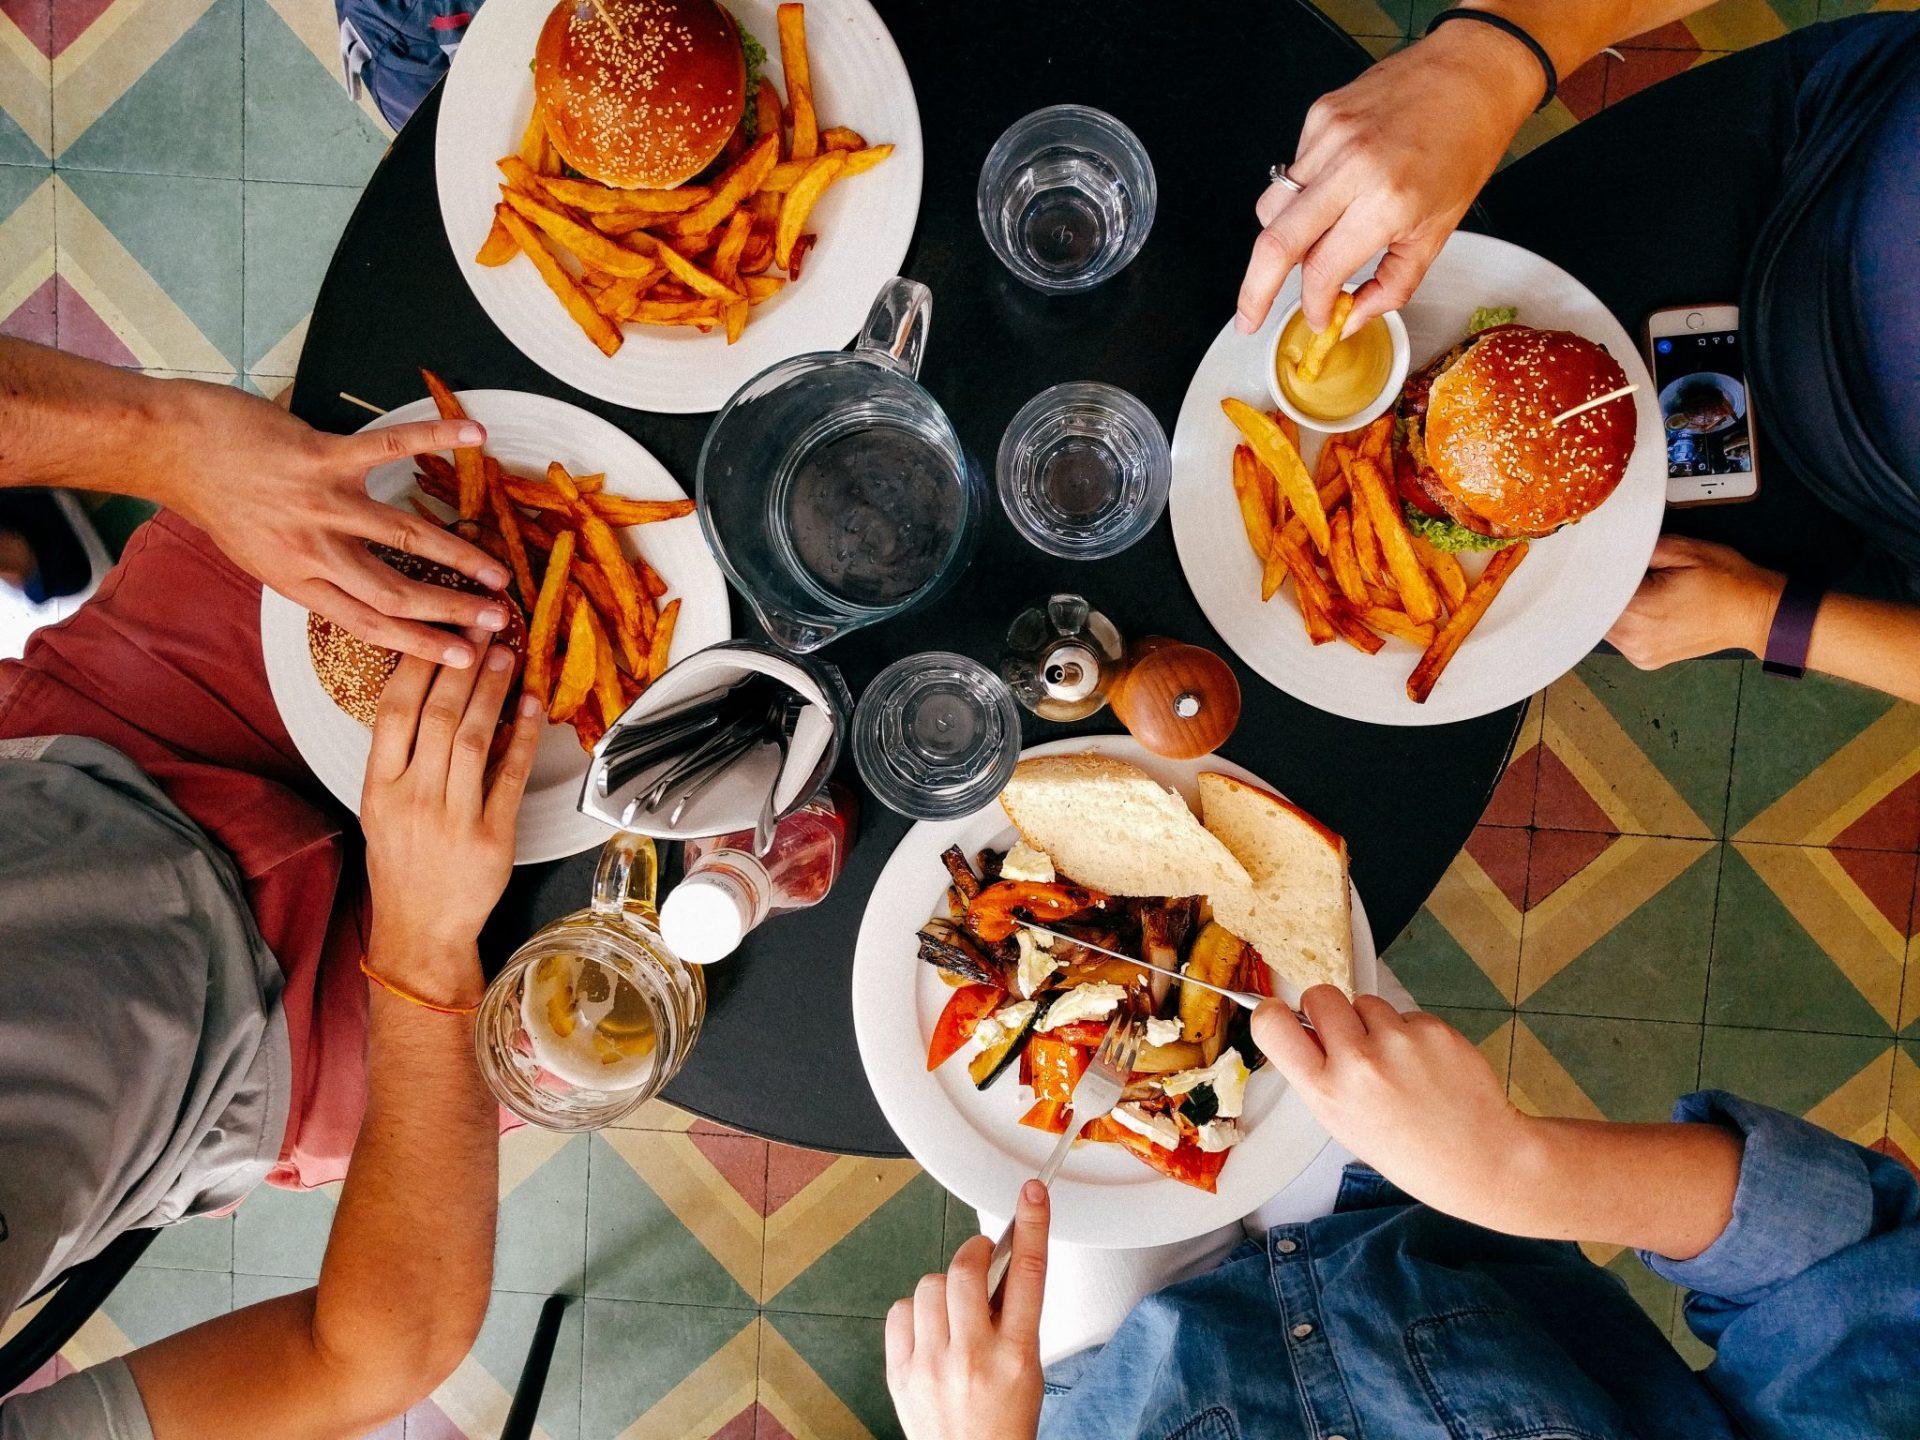 Die Amerikanische Esskultur Wie Isst Man In Den Usa